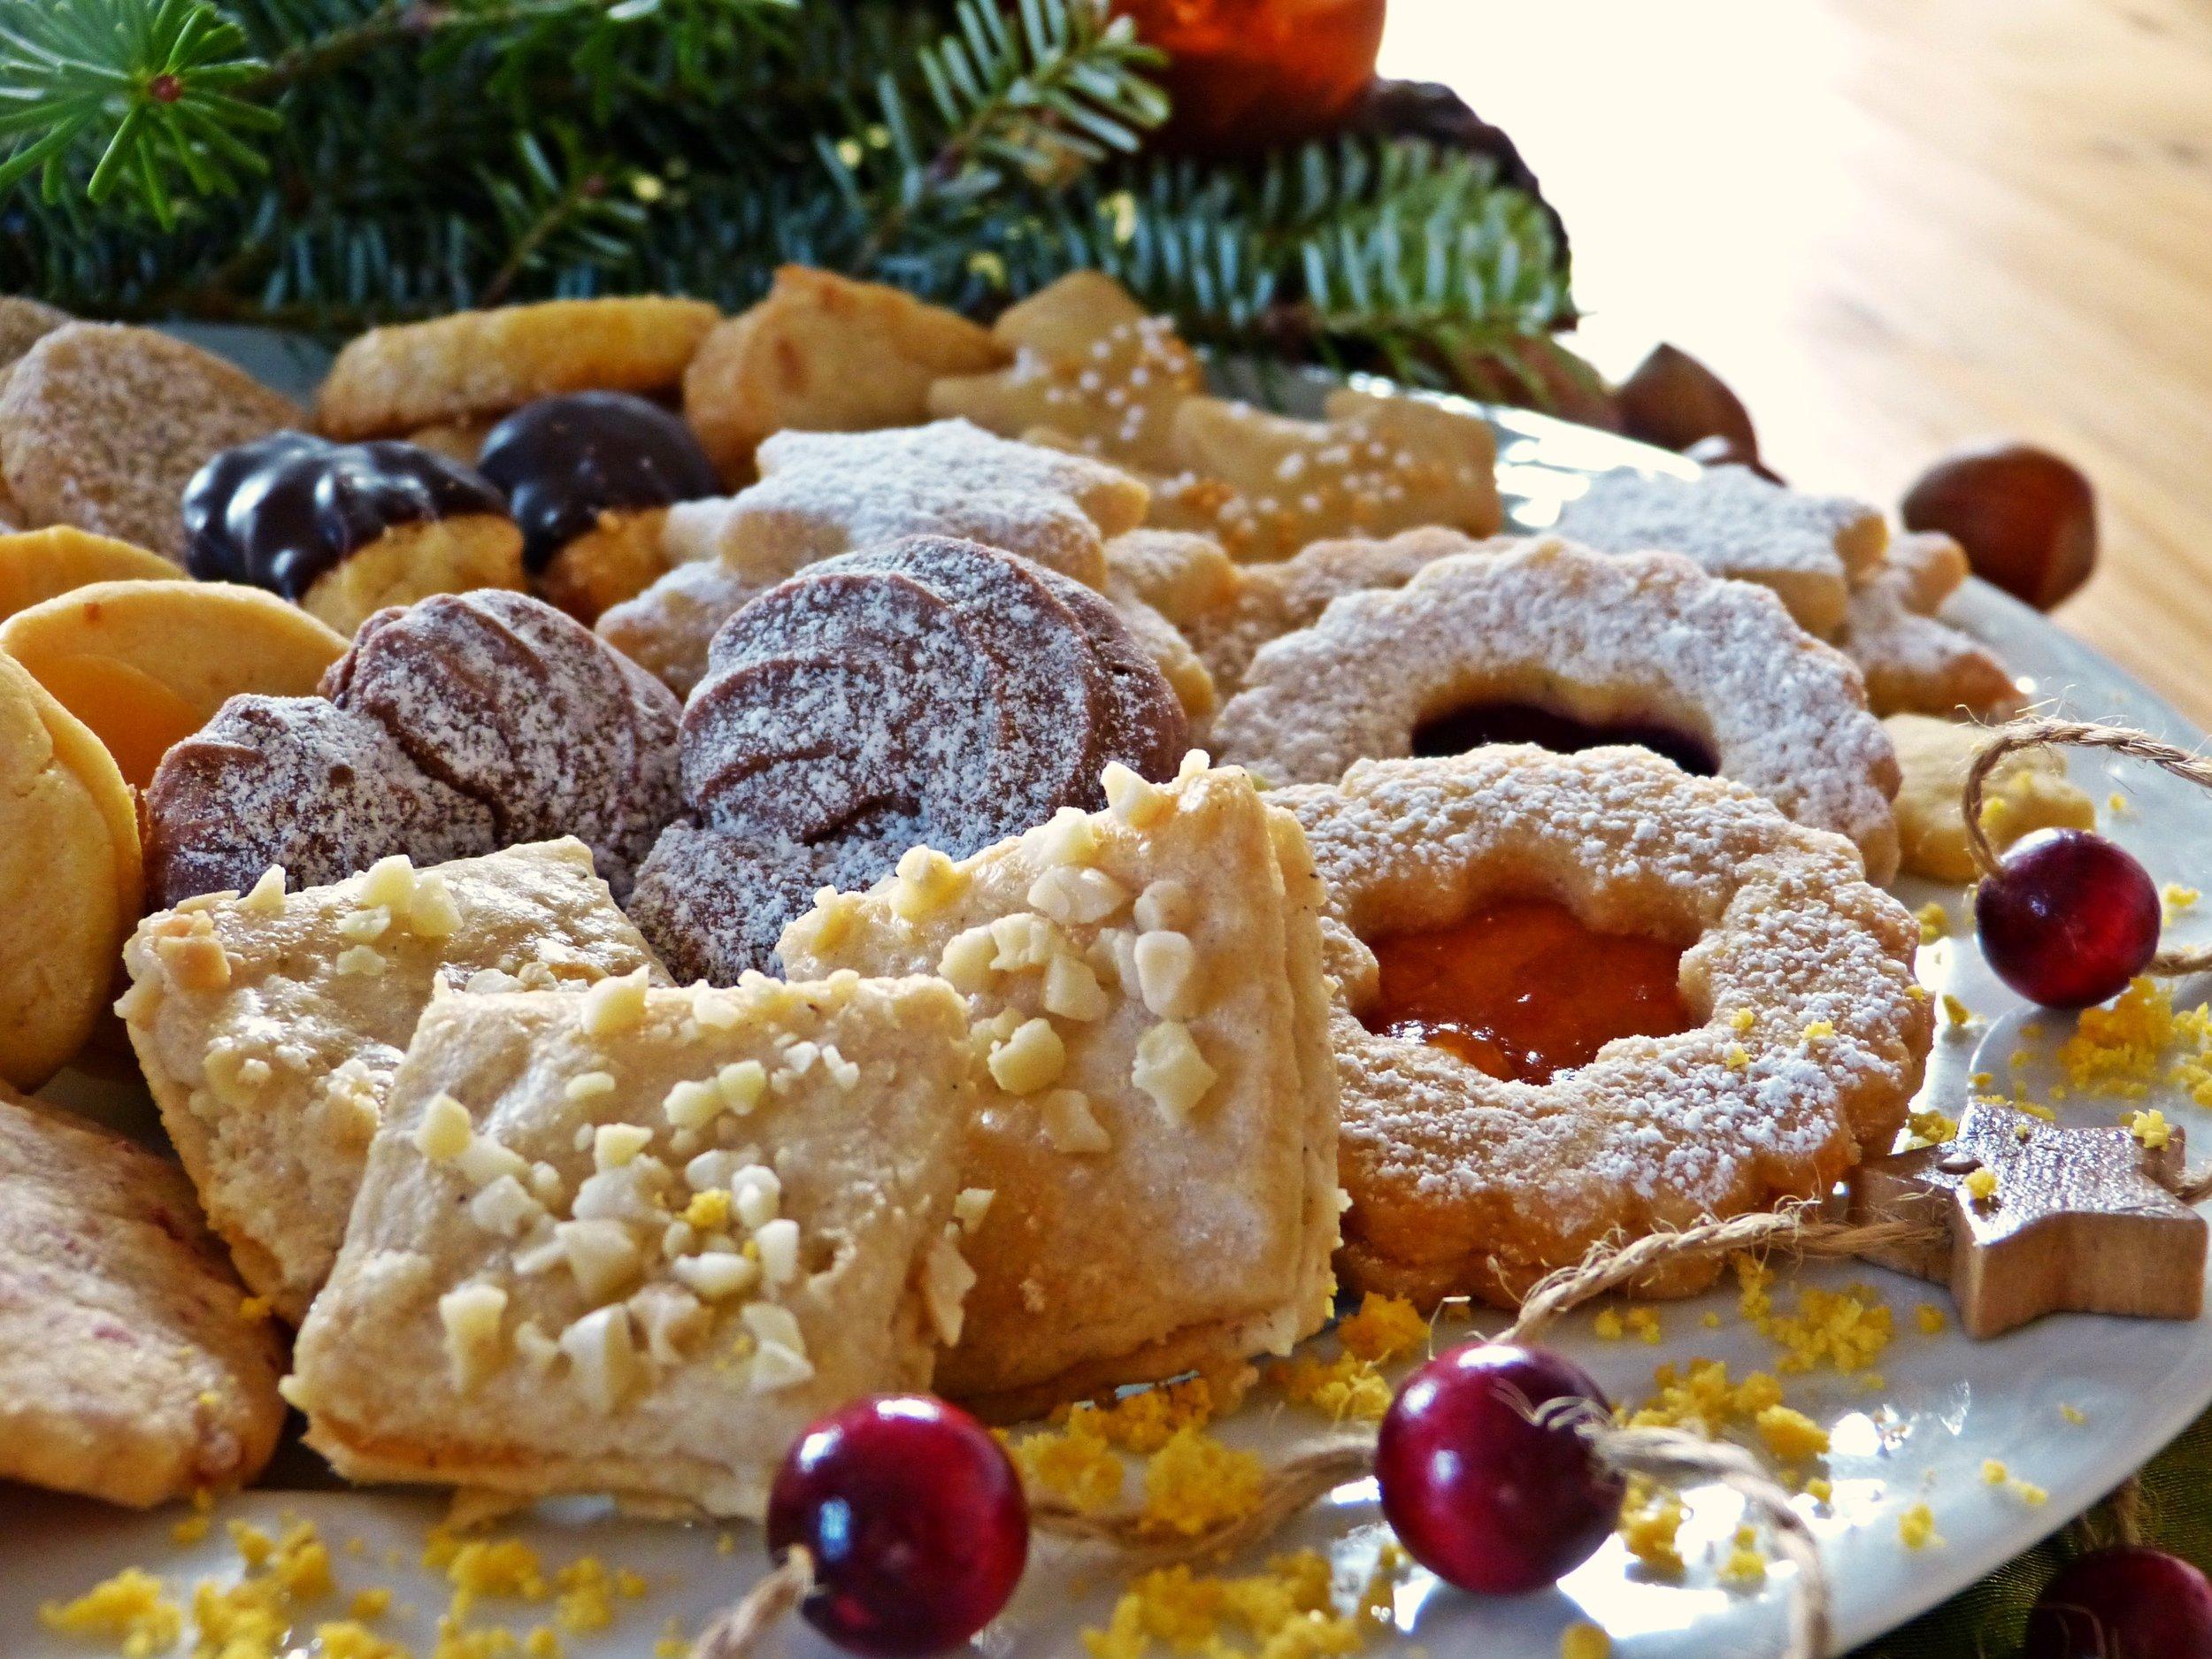 bake-bakery-baking-264779.jpg